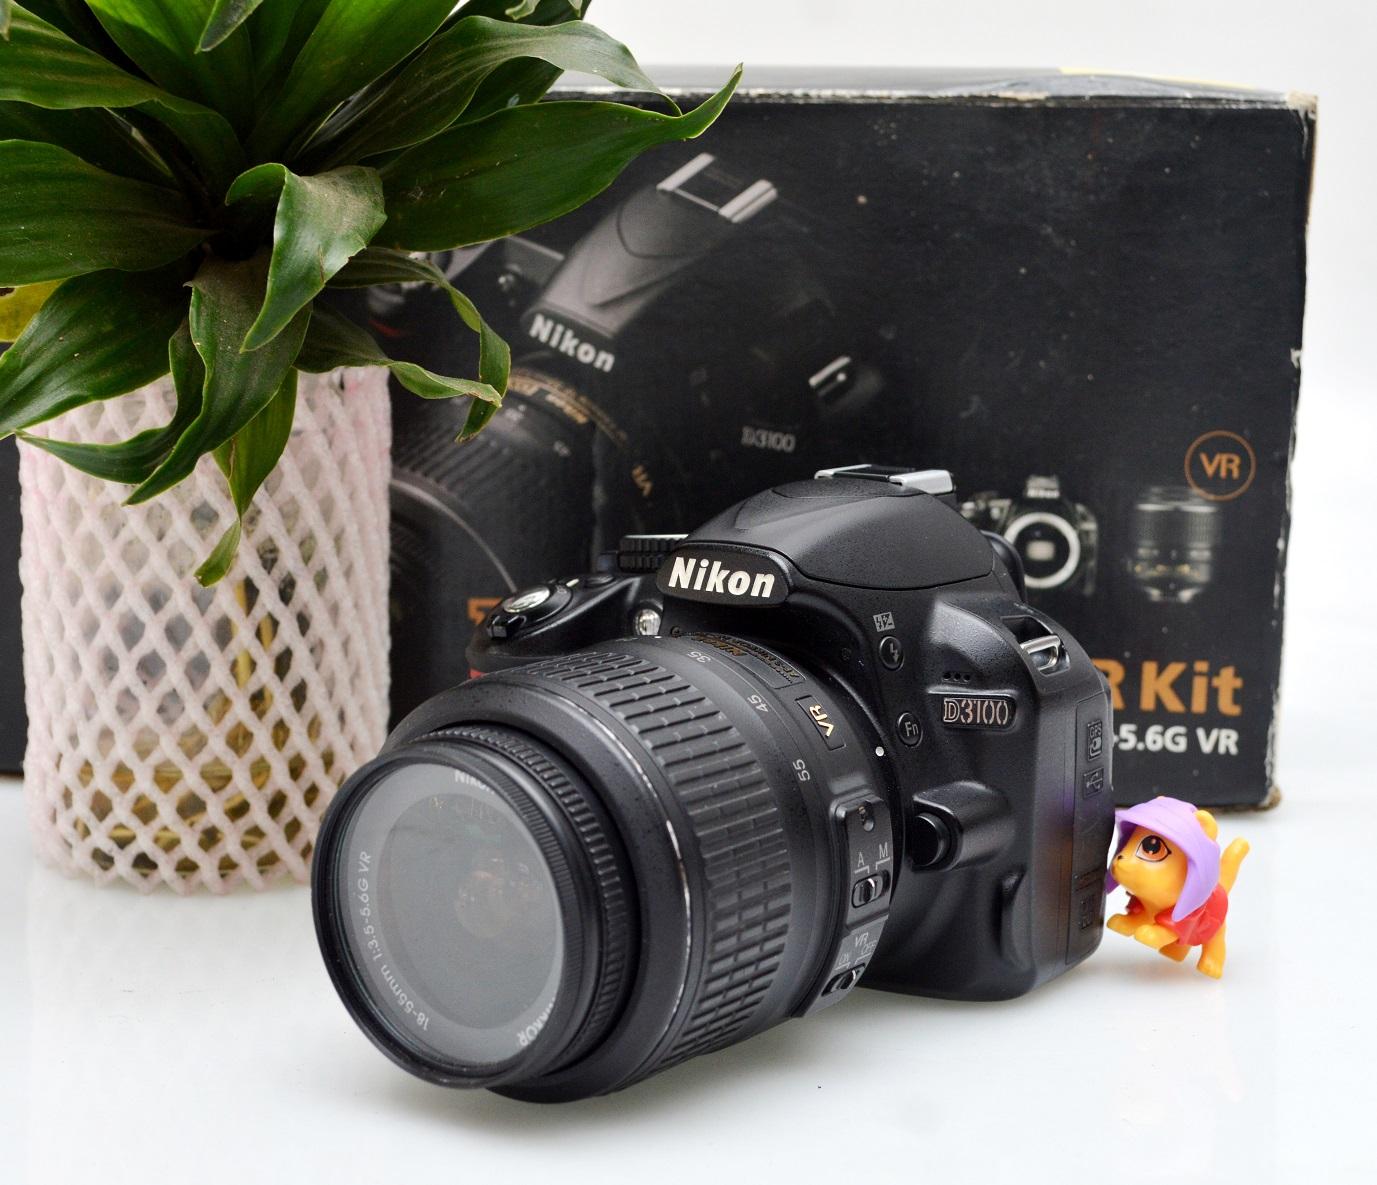 Jual Kamera Dslr Nikon D3100 Bekas Jual Beli Kamera Dan Laptop